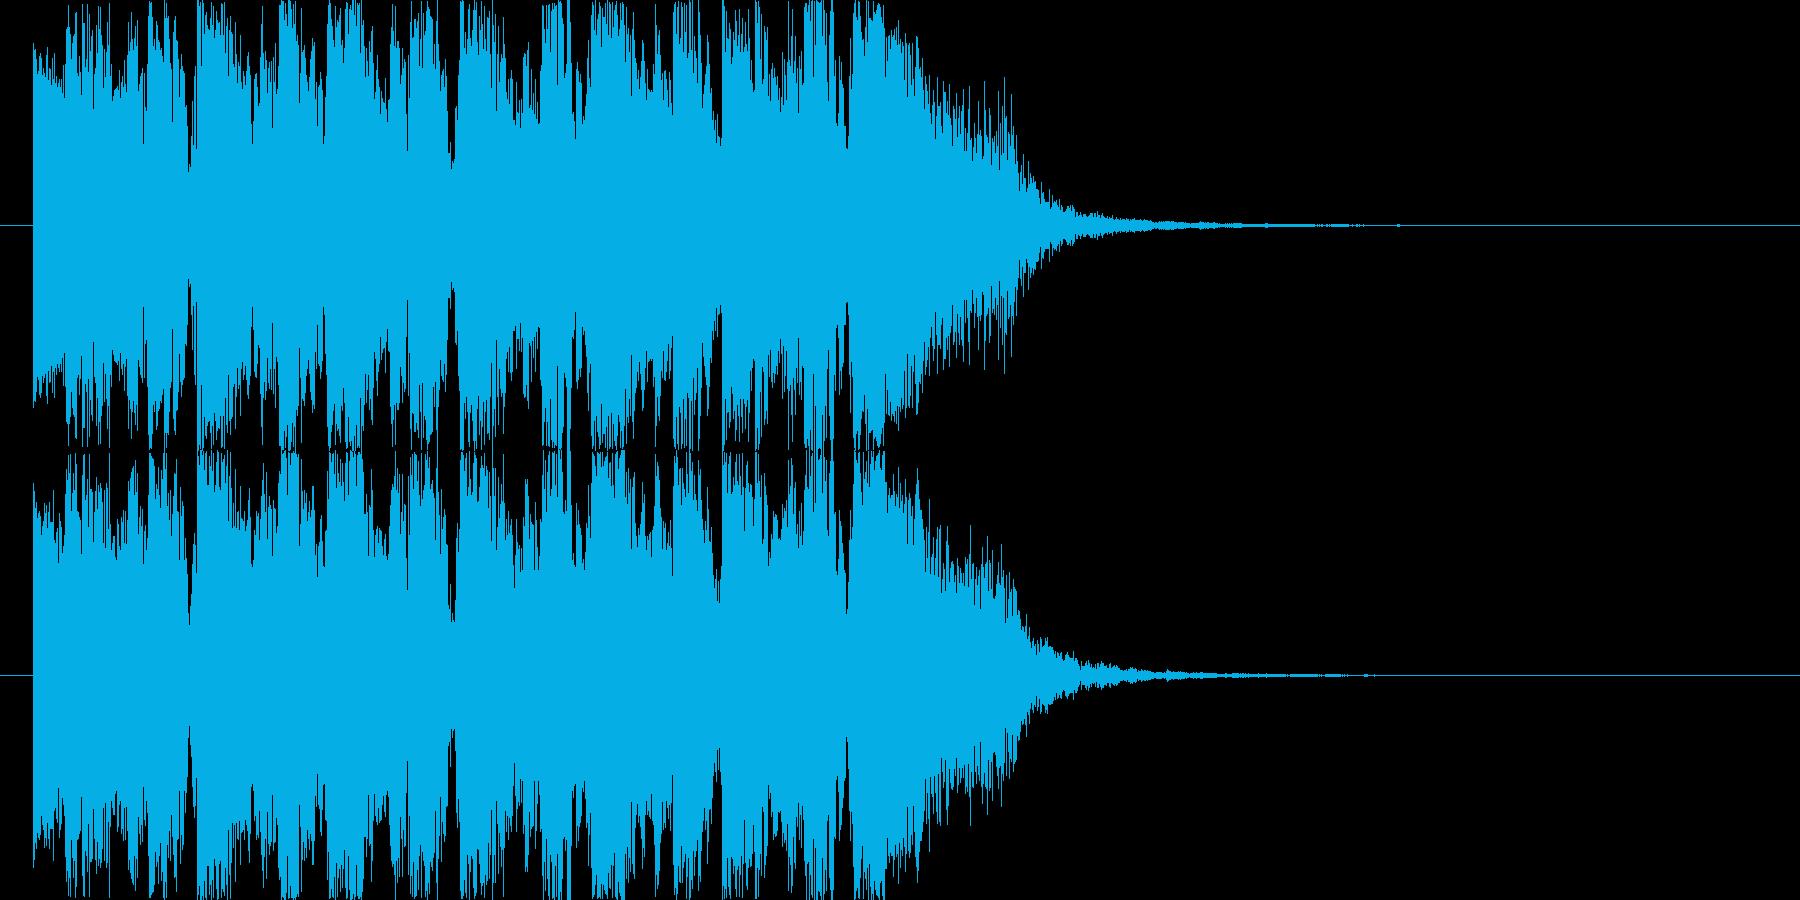 エレクトでダンサンブルなジングル2の再生済みの波形